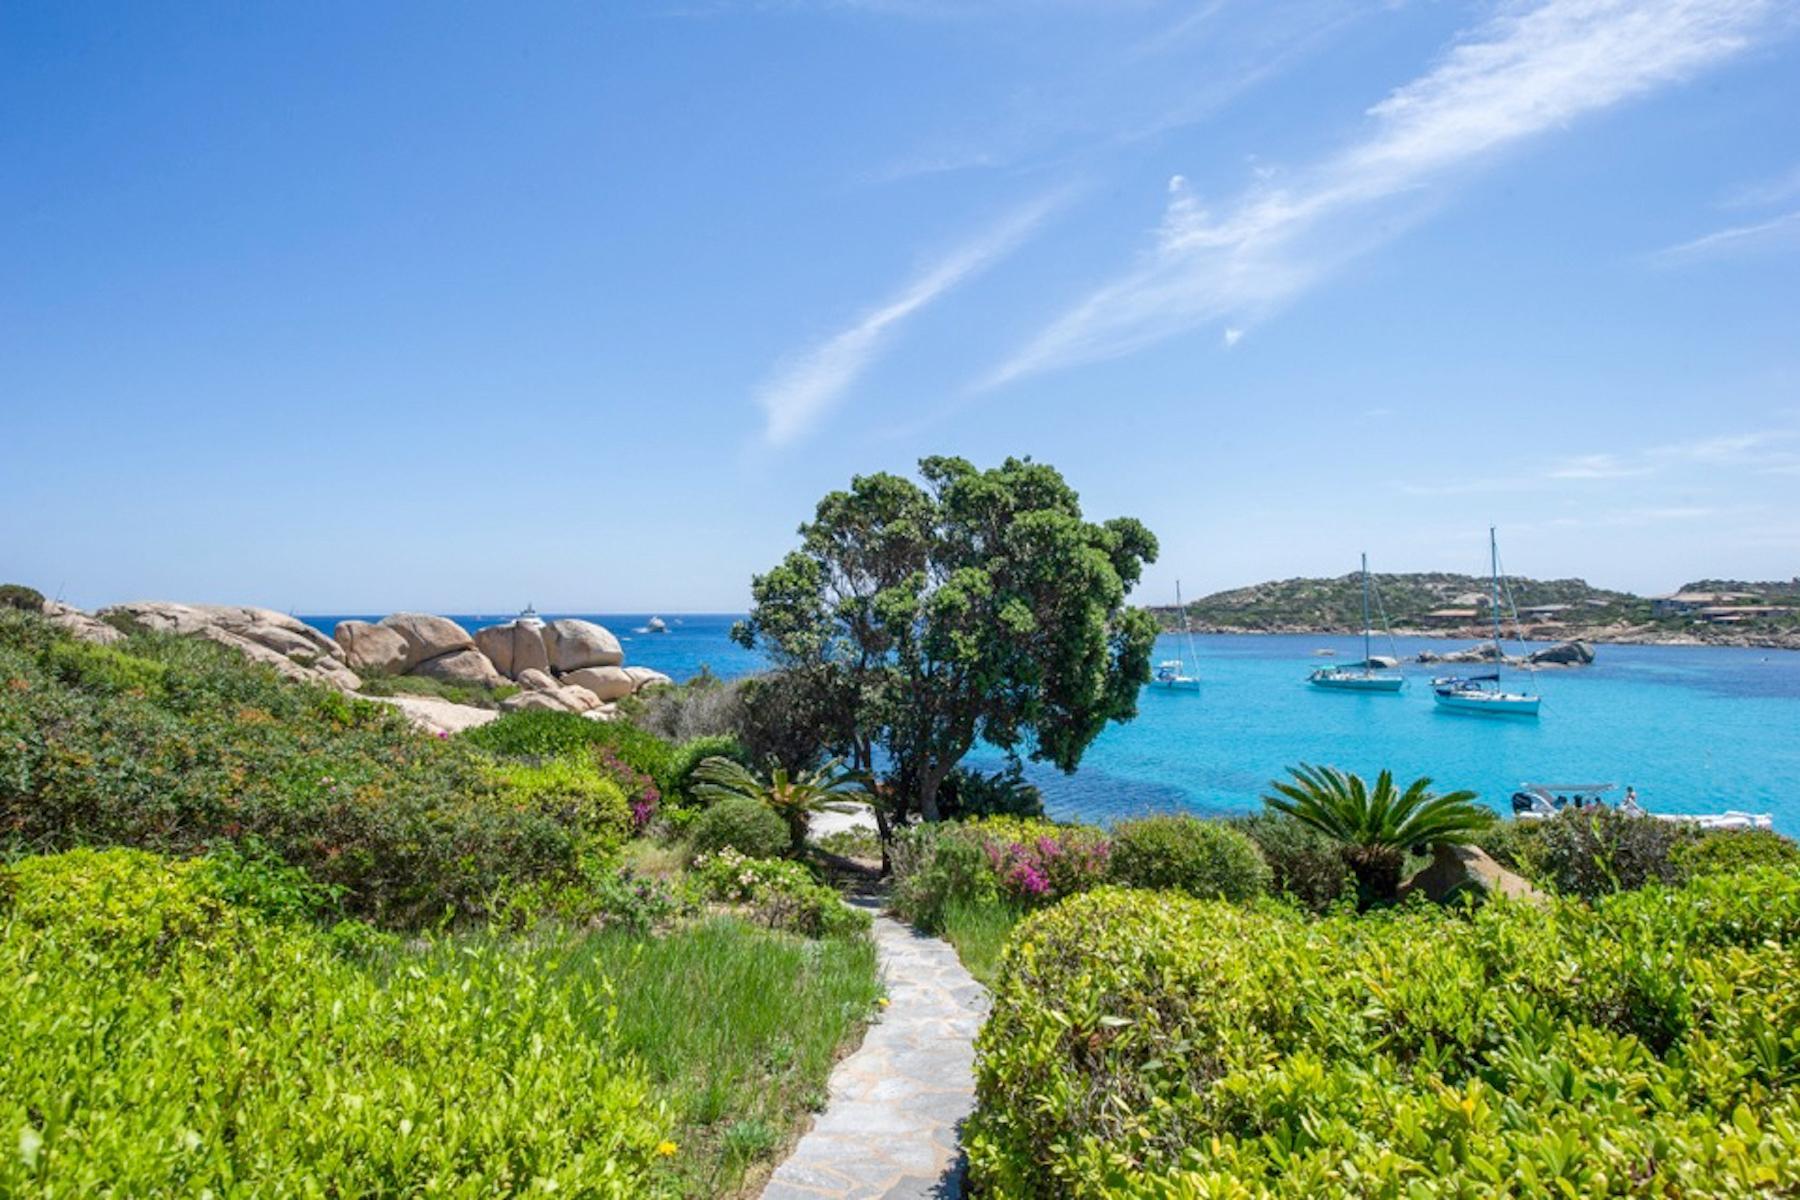 Cavallo Island, Corsica - Secluded villa with breathtaking seaview - 13